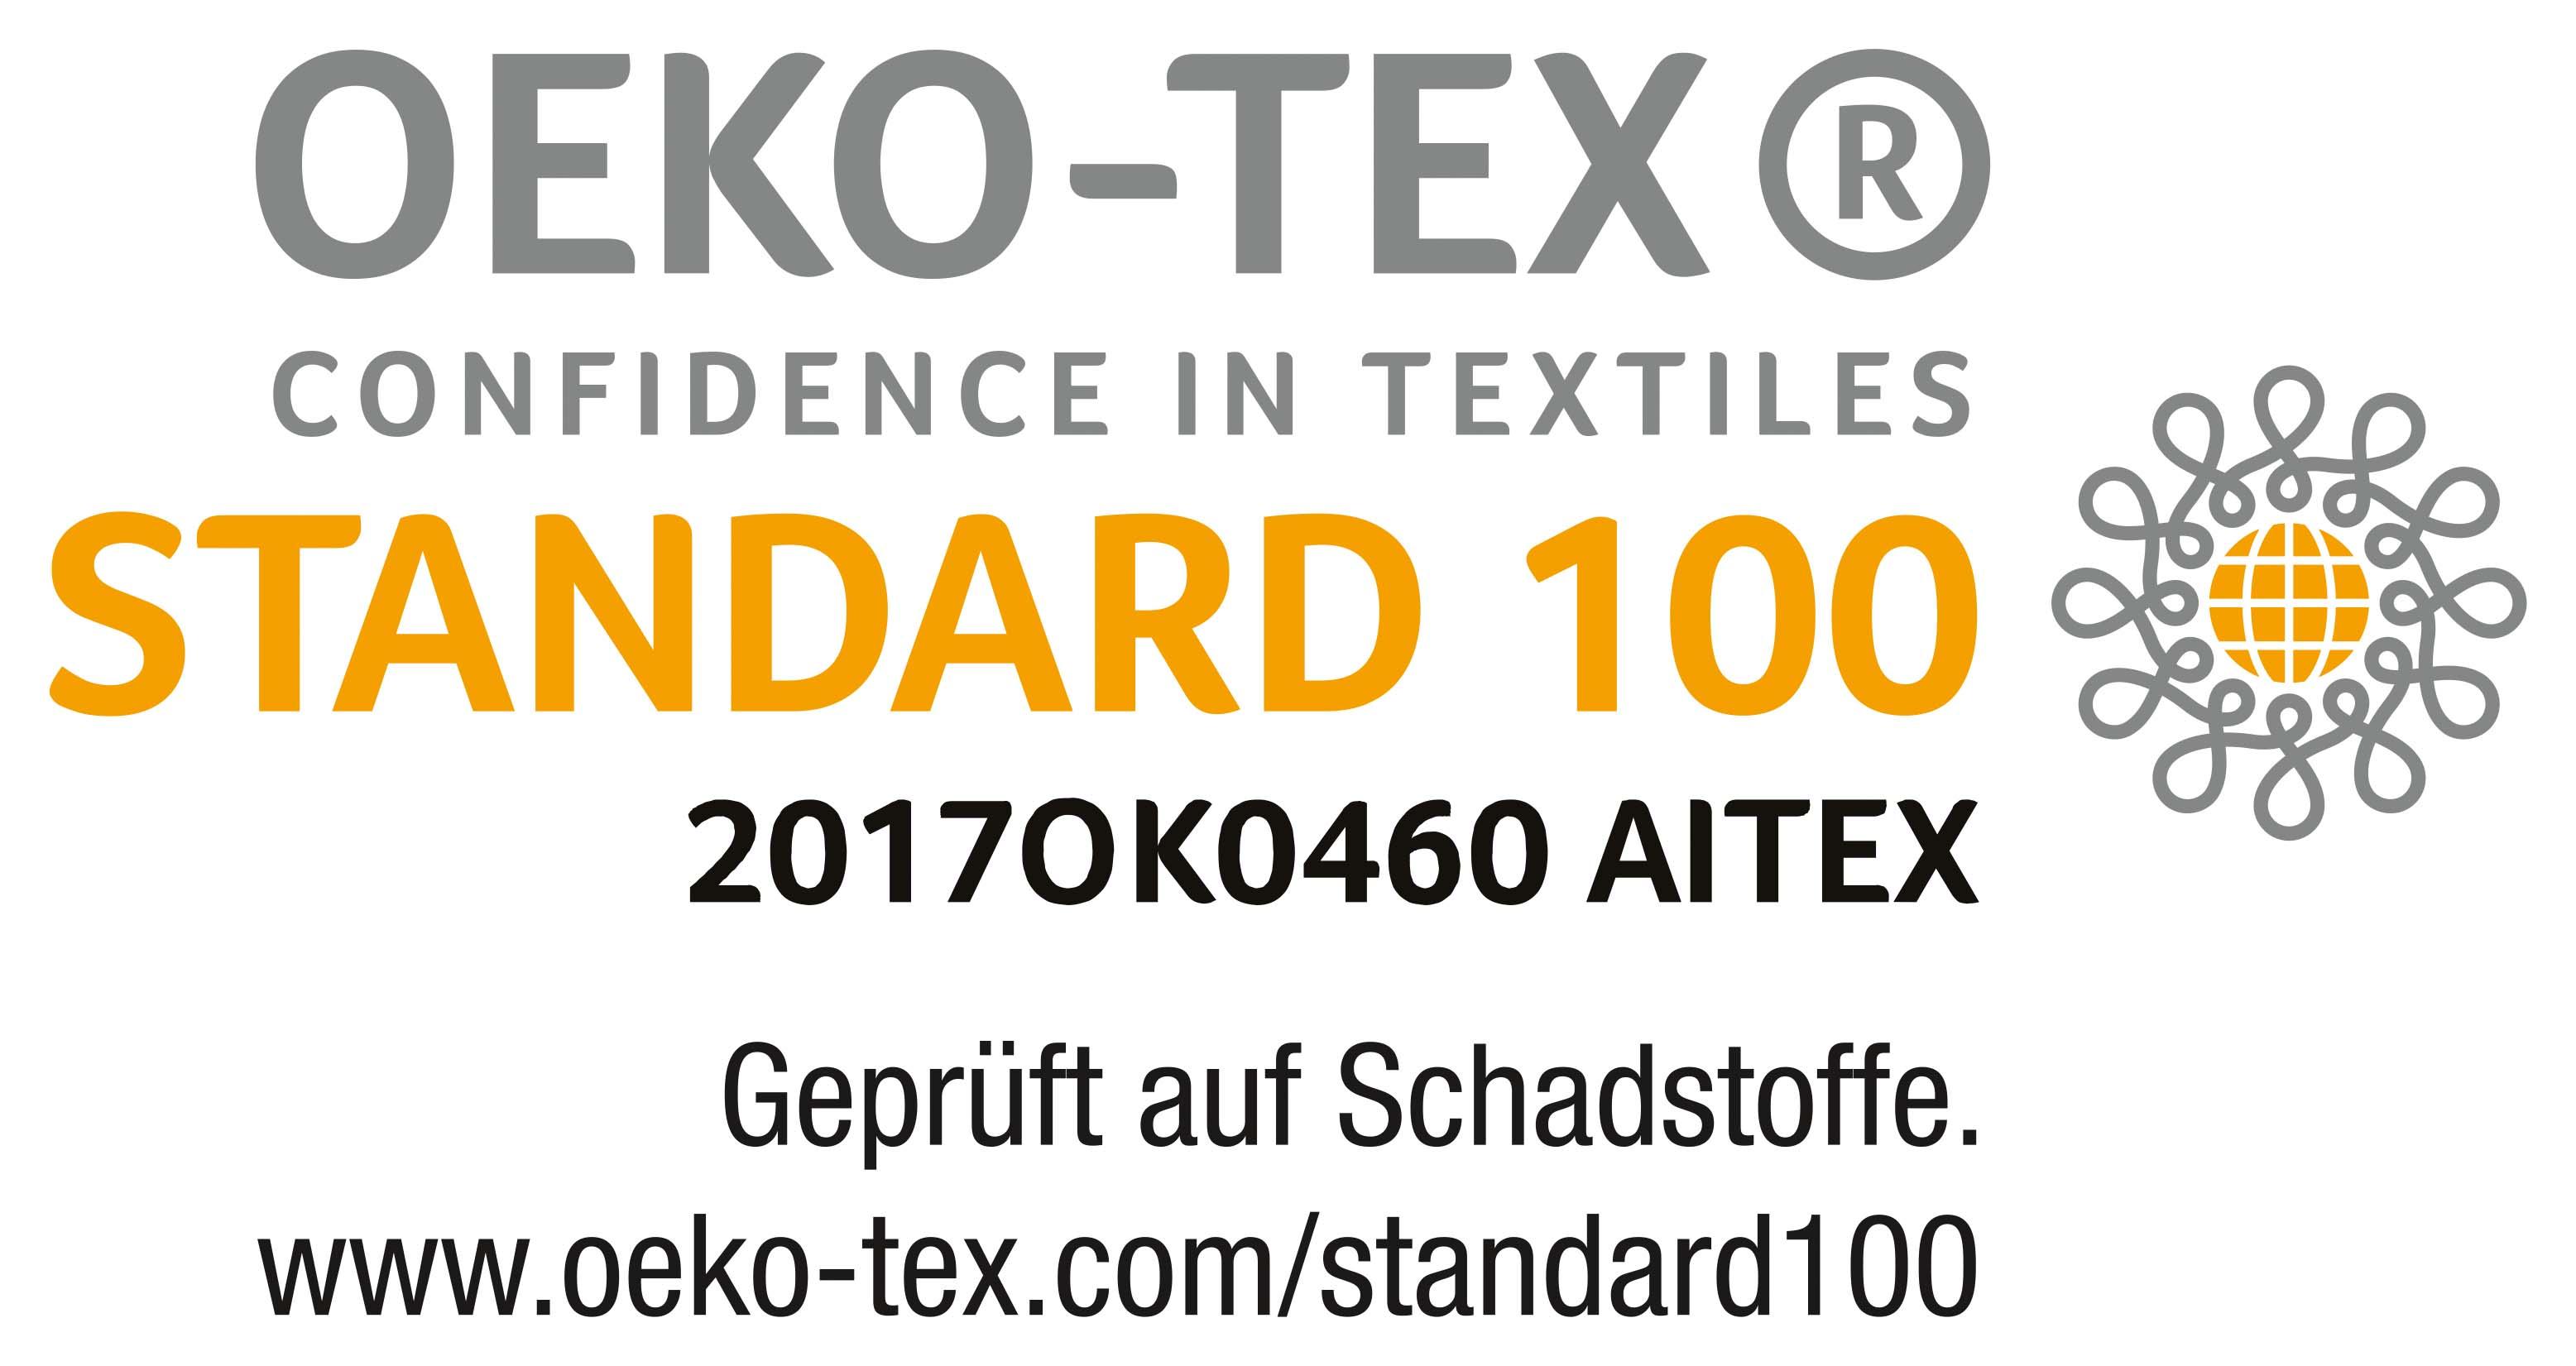 oekotex_2017OK0460_aitex.jpg